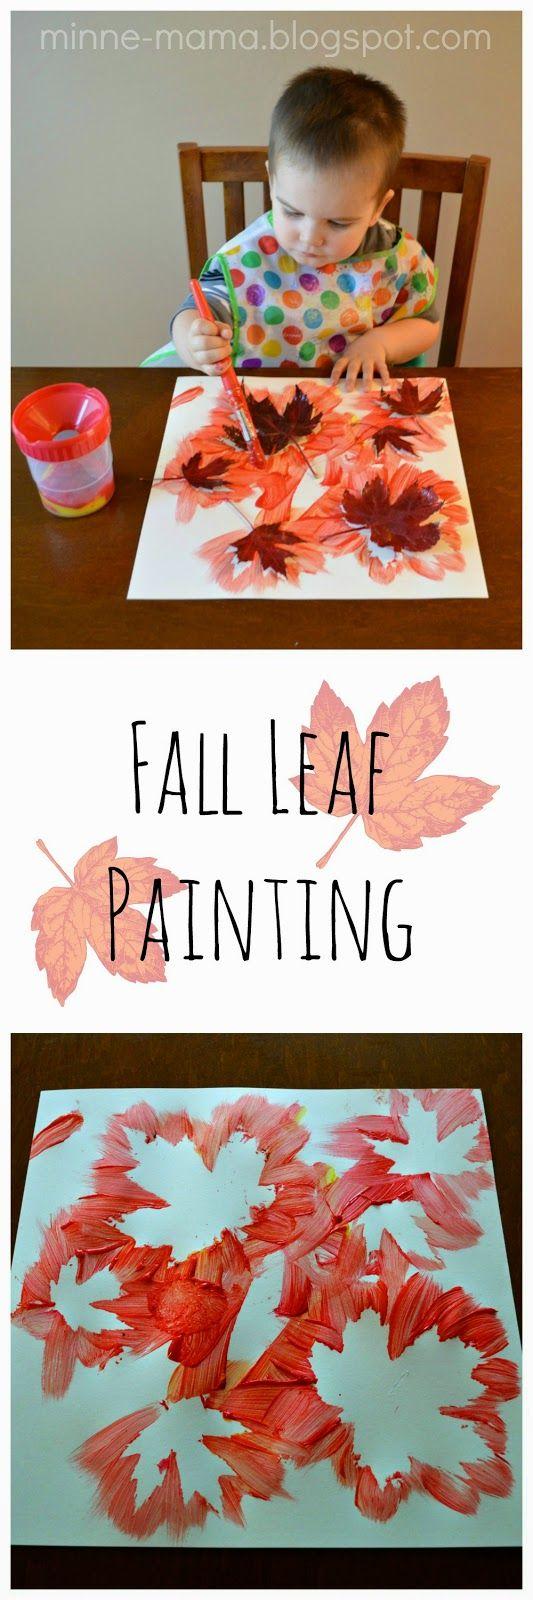 Tolles Herbstbild mit Fingerfarbe und Herbstblättern gestalten                                                                                                                                                                                 Mehr